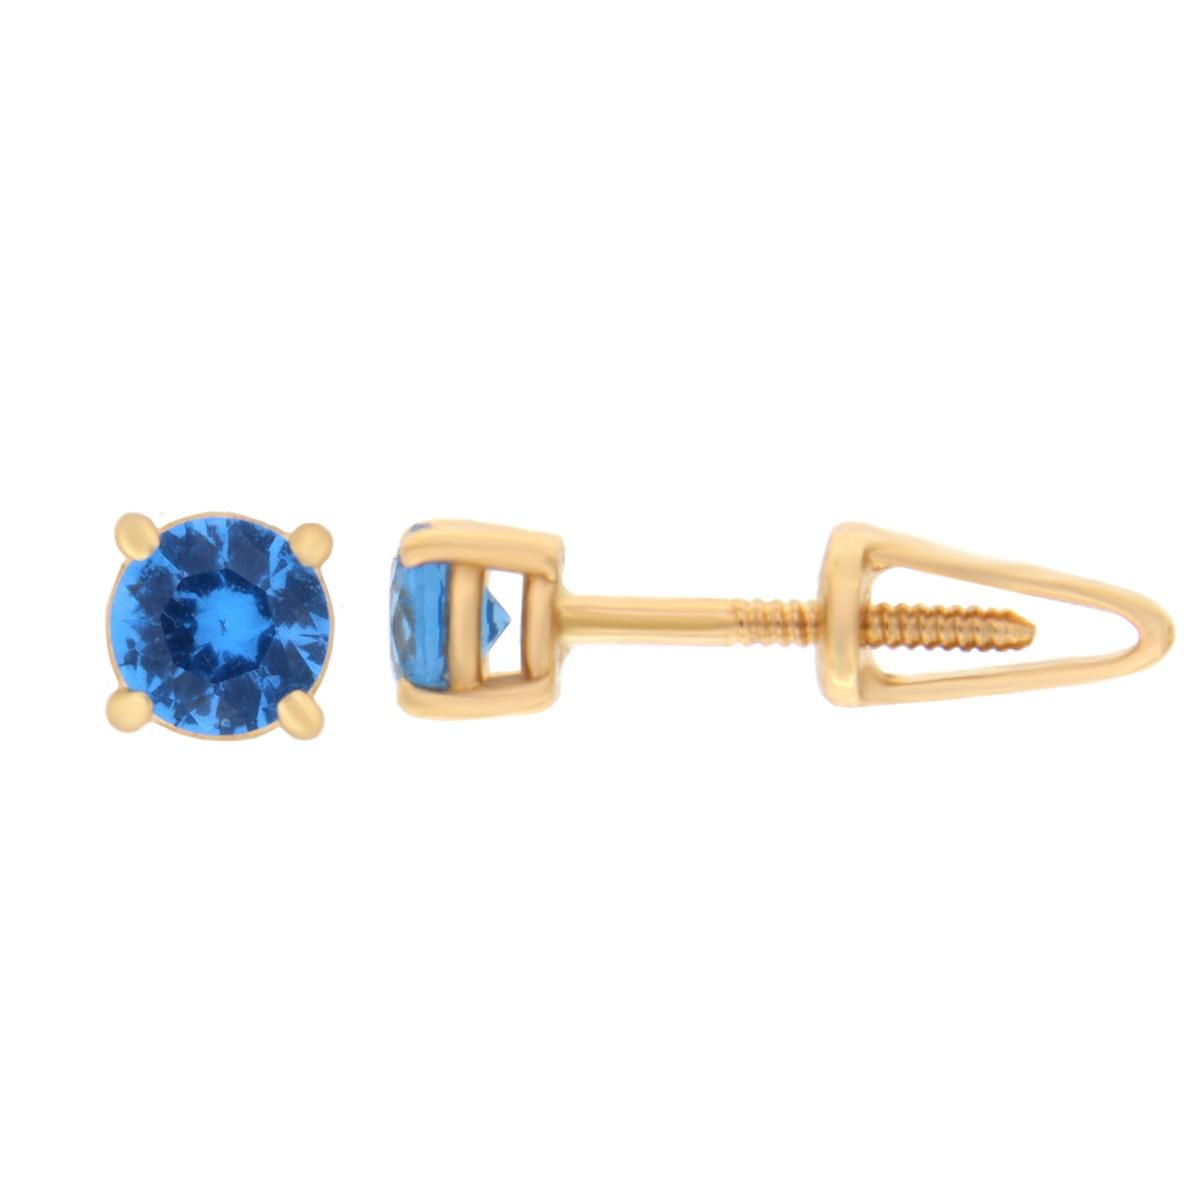 Kullast kõrvarõngad tsirkoonidega Kood: er0157-4-sinine